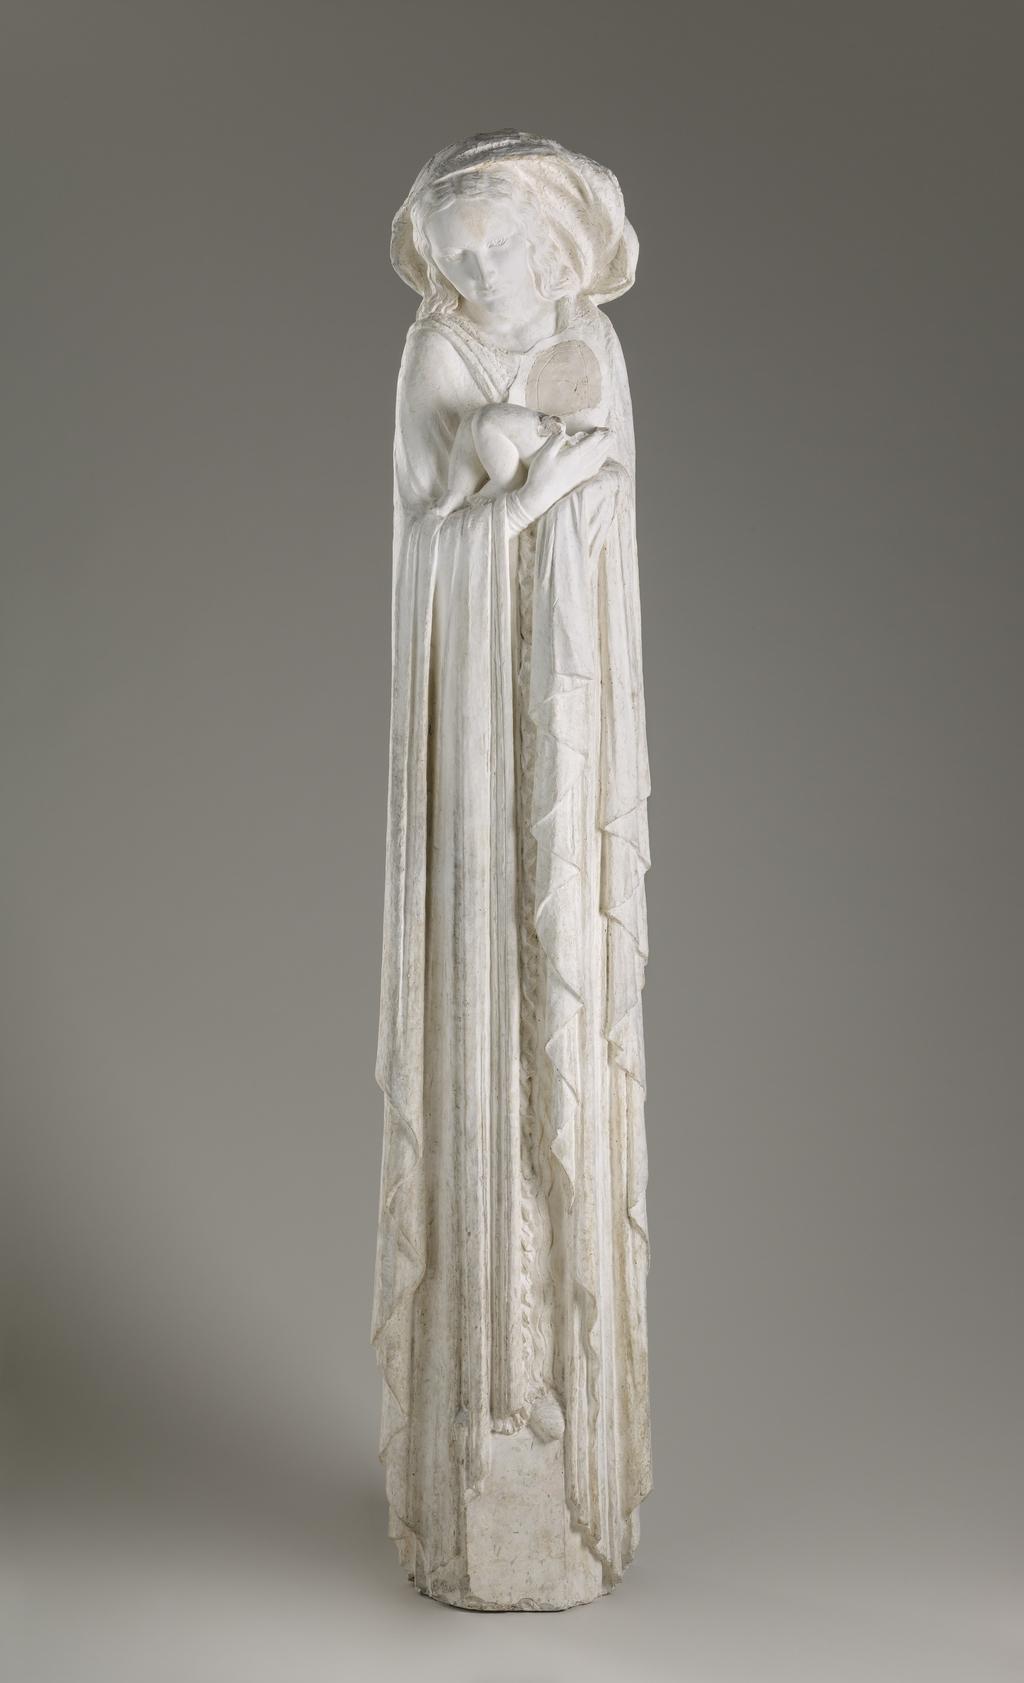 Vierge à l'Enfant, modèle du « Monument funéraire de Noah Anthony Timmins » au cimetière Notre-Dame-des-Neiges, à Montréal (fragment)